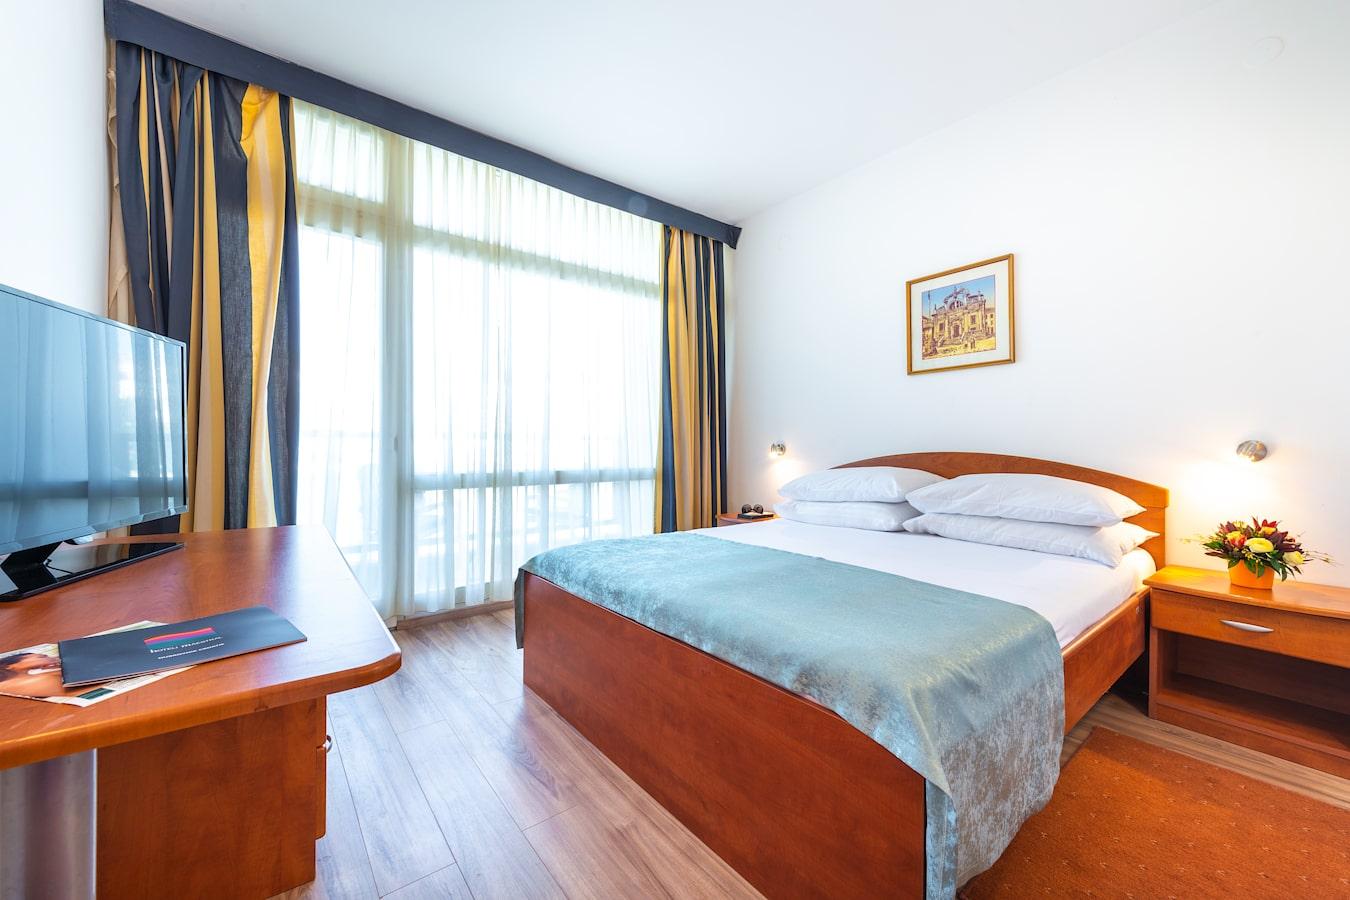 vis-hotel-dubrovnik-double-room.jpg